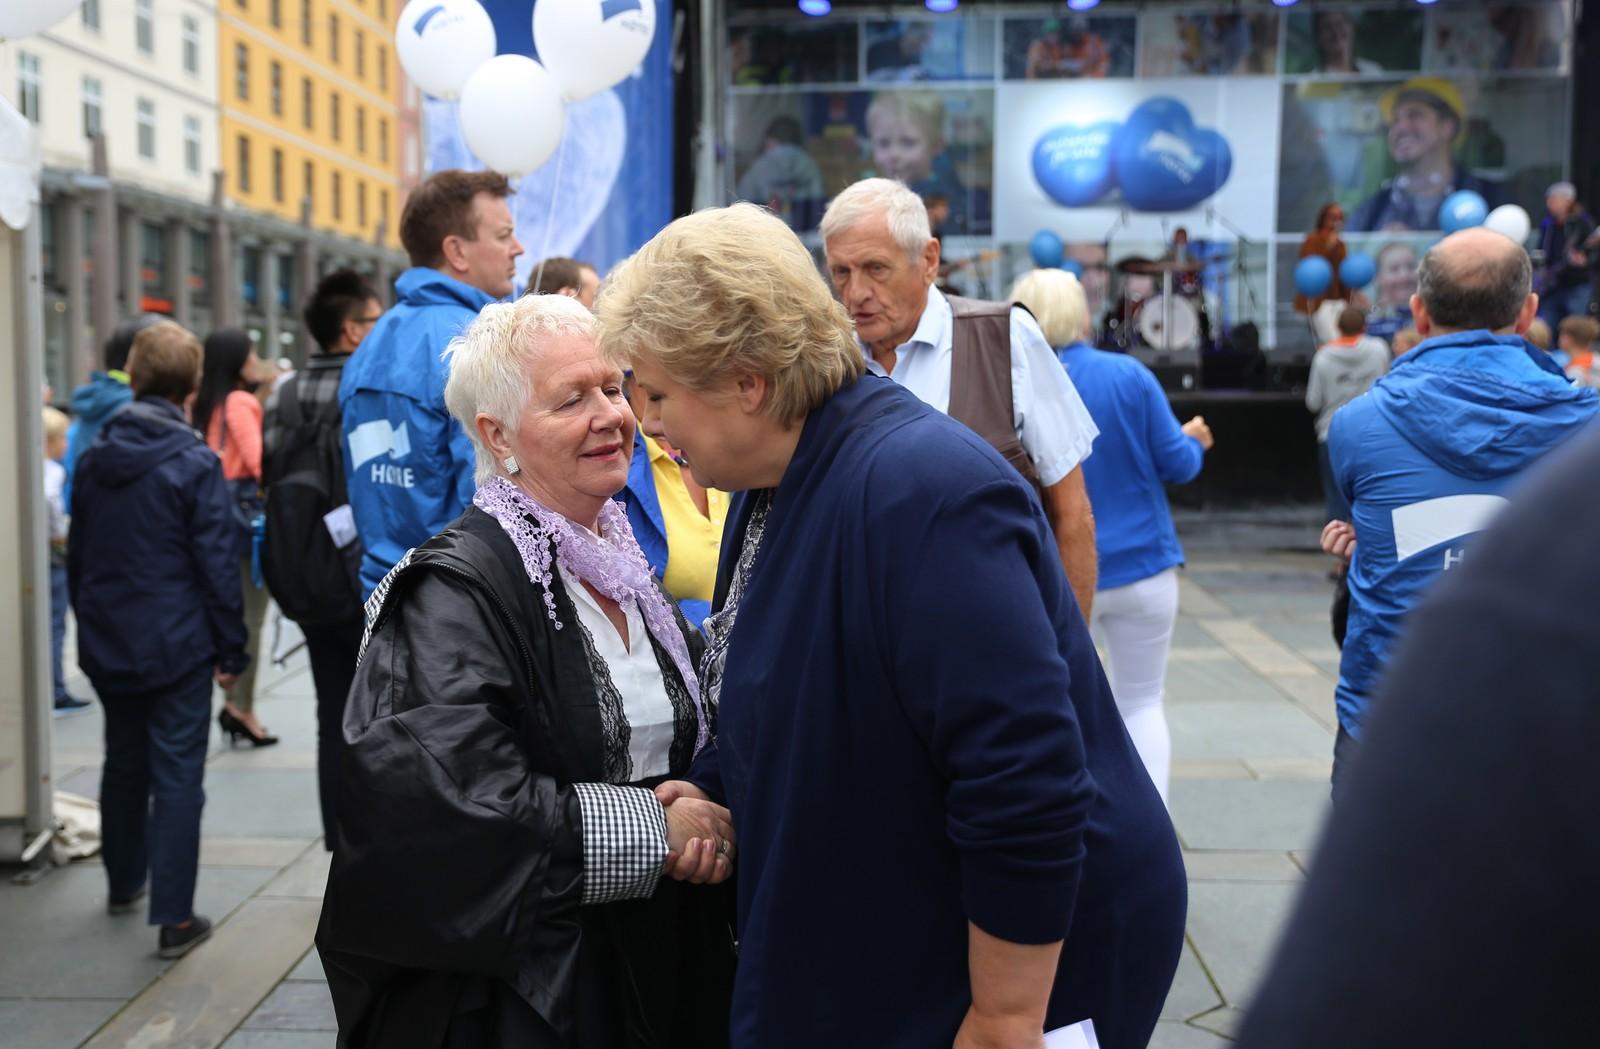 Mange hadde møtt opp for å få et glimt av Statsministeren. Her får en dame hilse på Solberg.